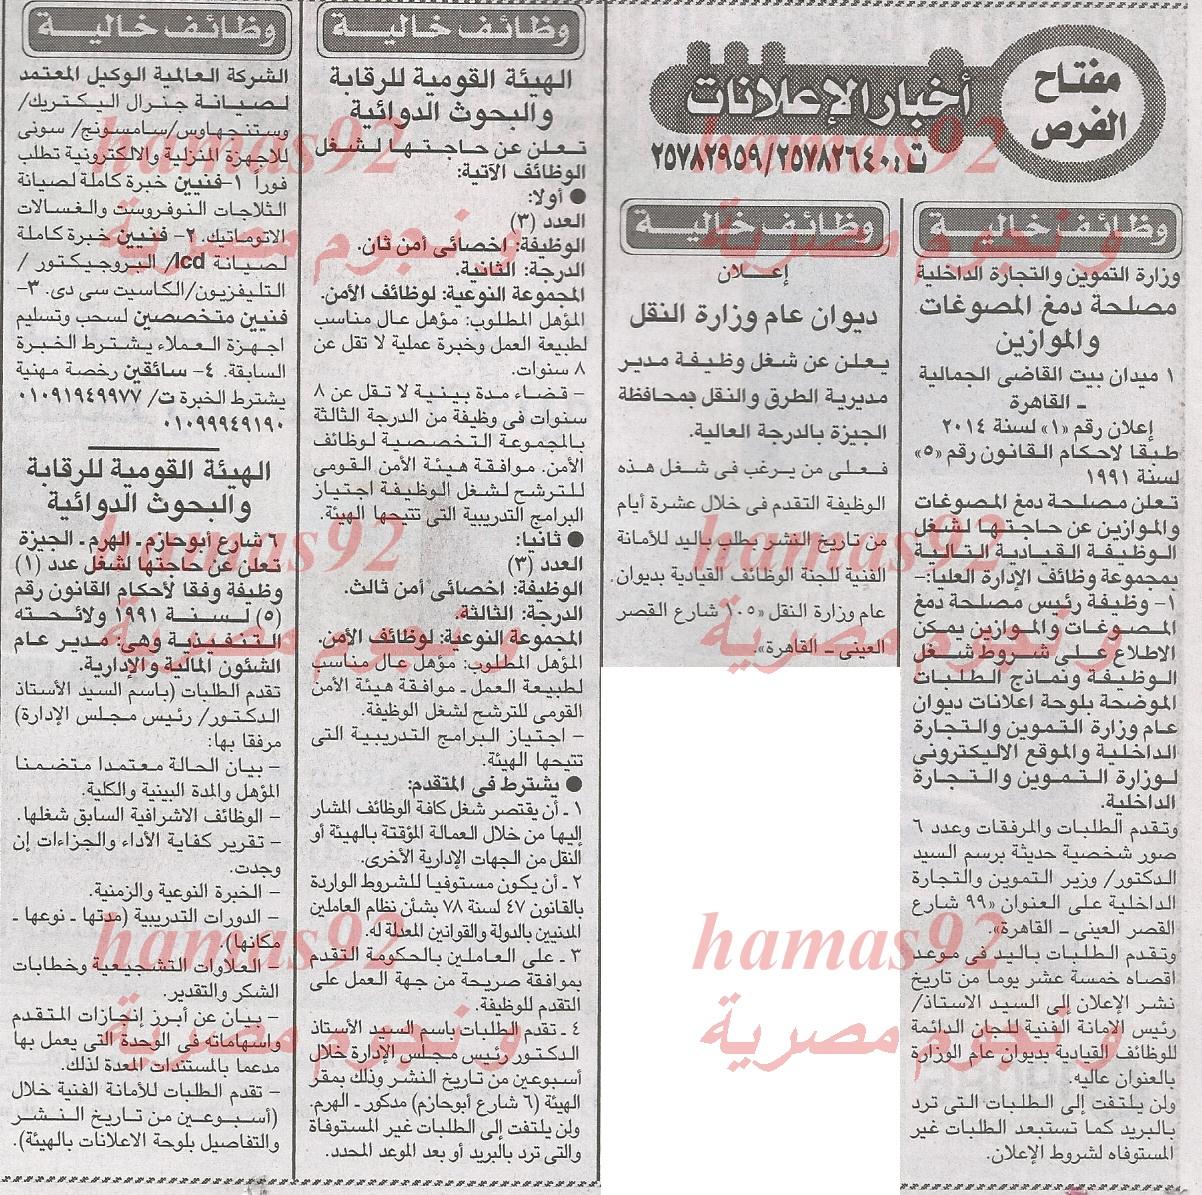 وظائف جريدة الاخبار اليوم الخميس 23-1-2014 , وظائف خالية اليوم 23 يناير 2014